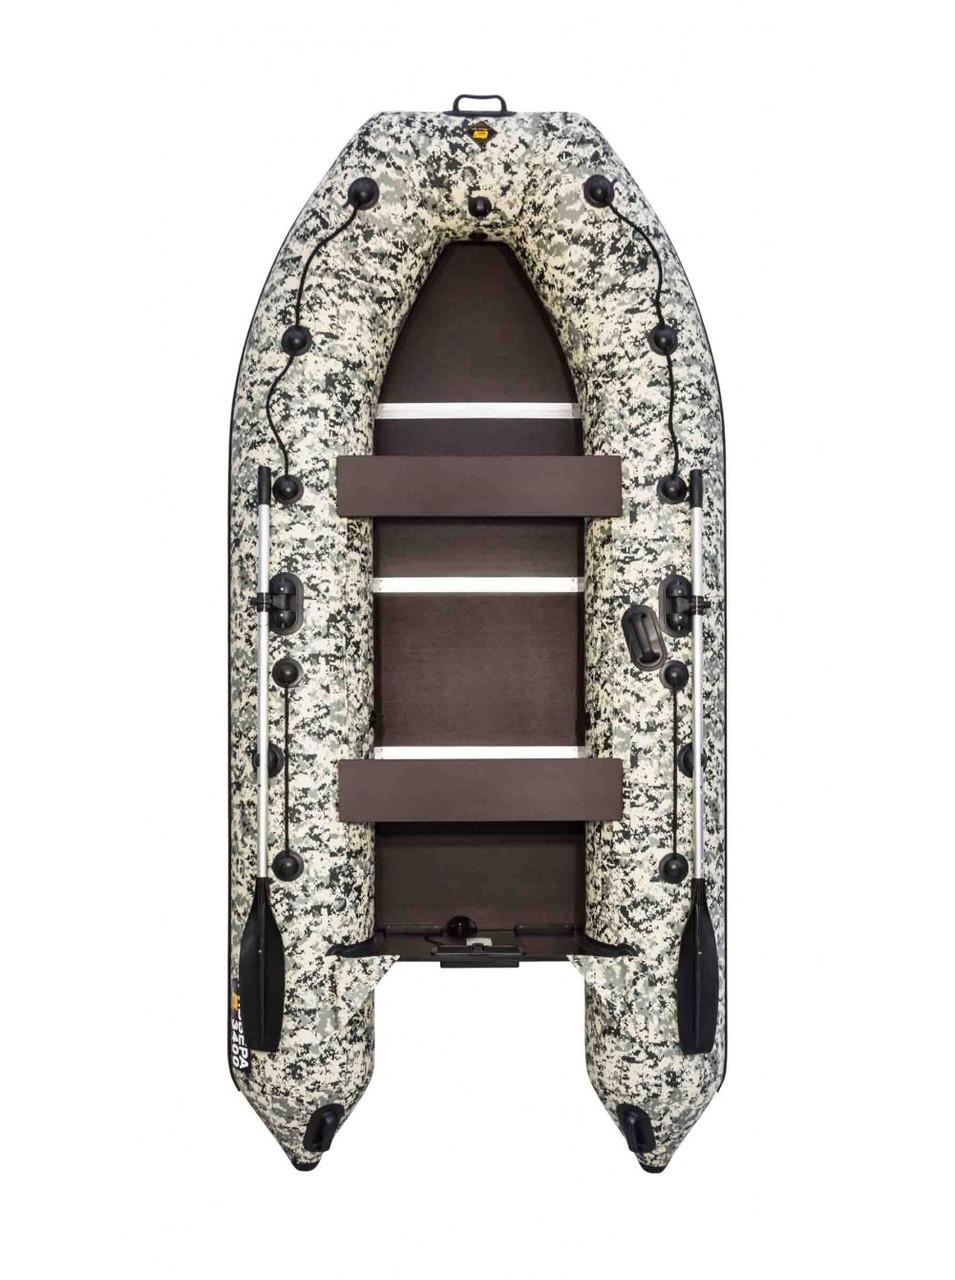 Лодка надувная моторно-гребная килевая Ривьера Компакт 3400 СК, Грузоподъемность: 550кг, Вместимость: 3 чел.,